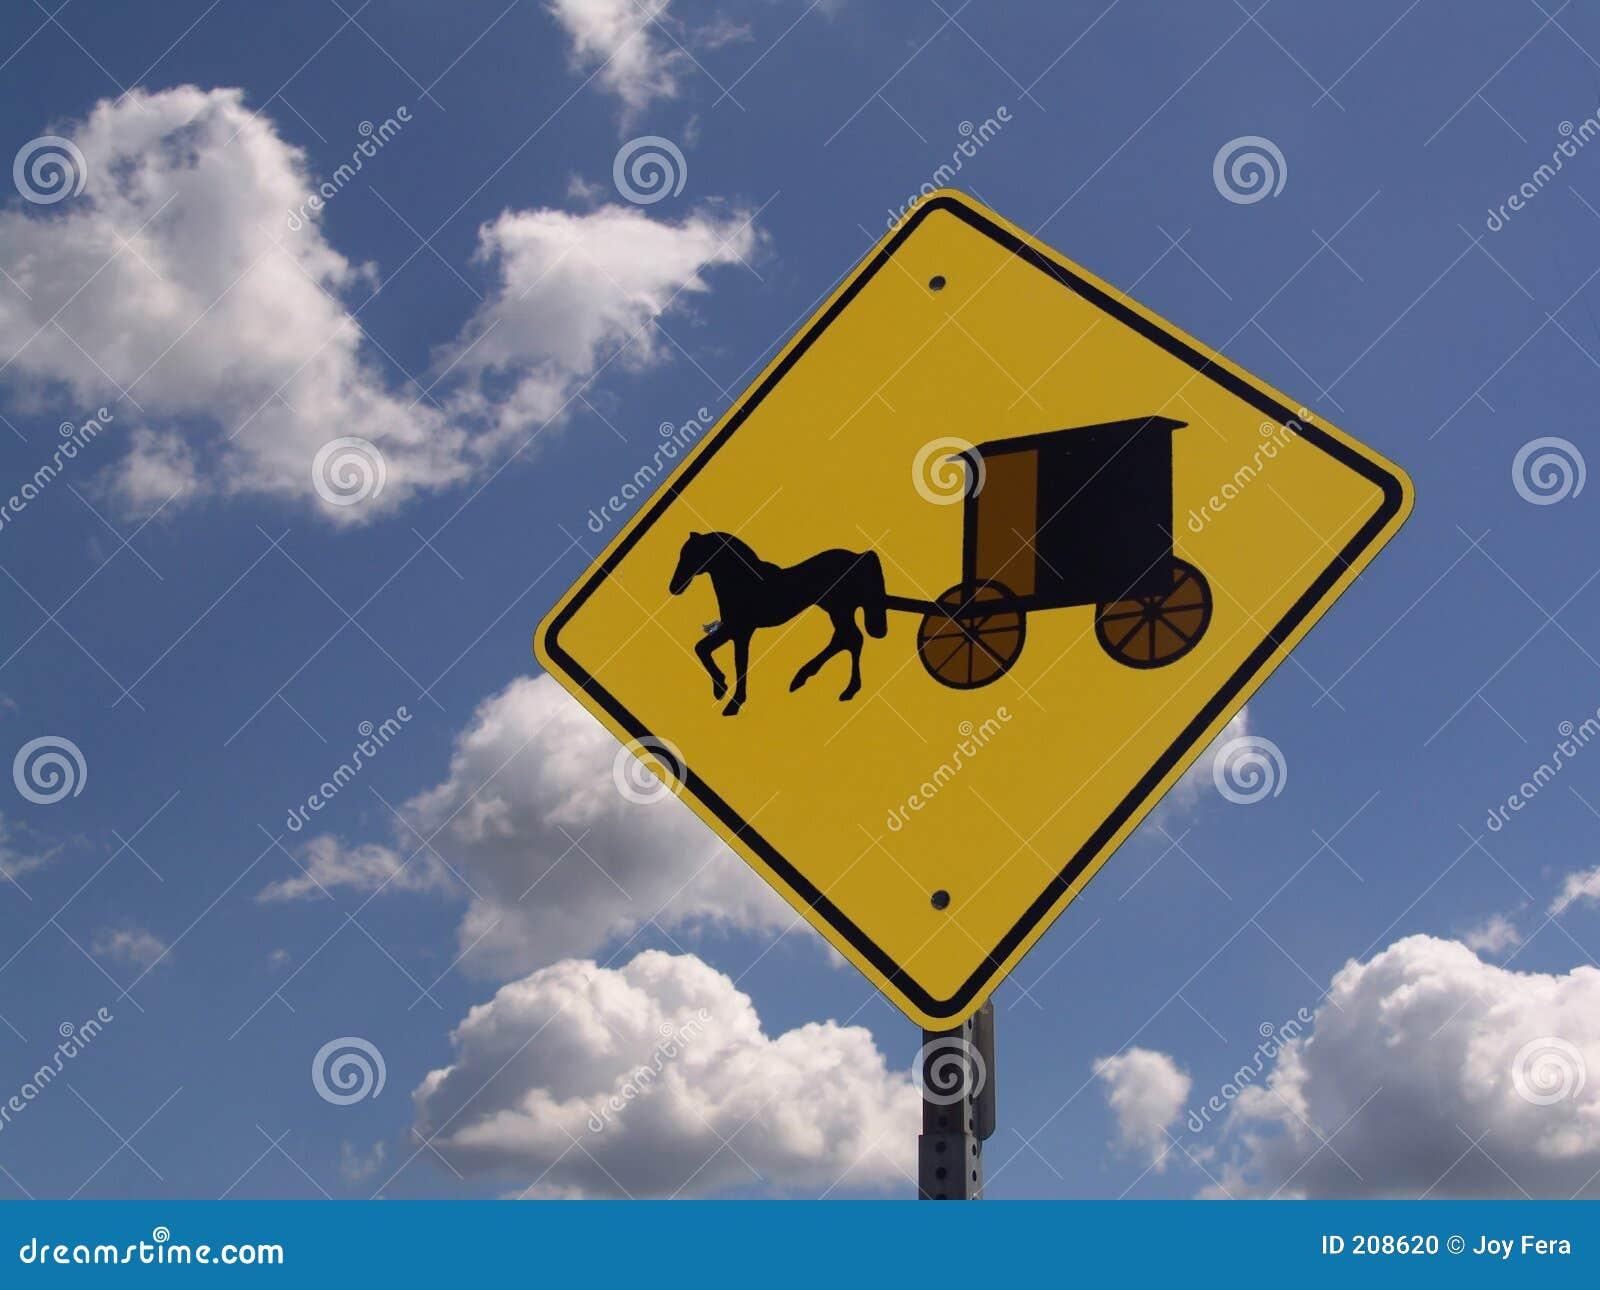 Avvertenza Amish